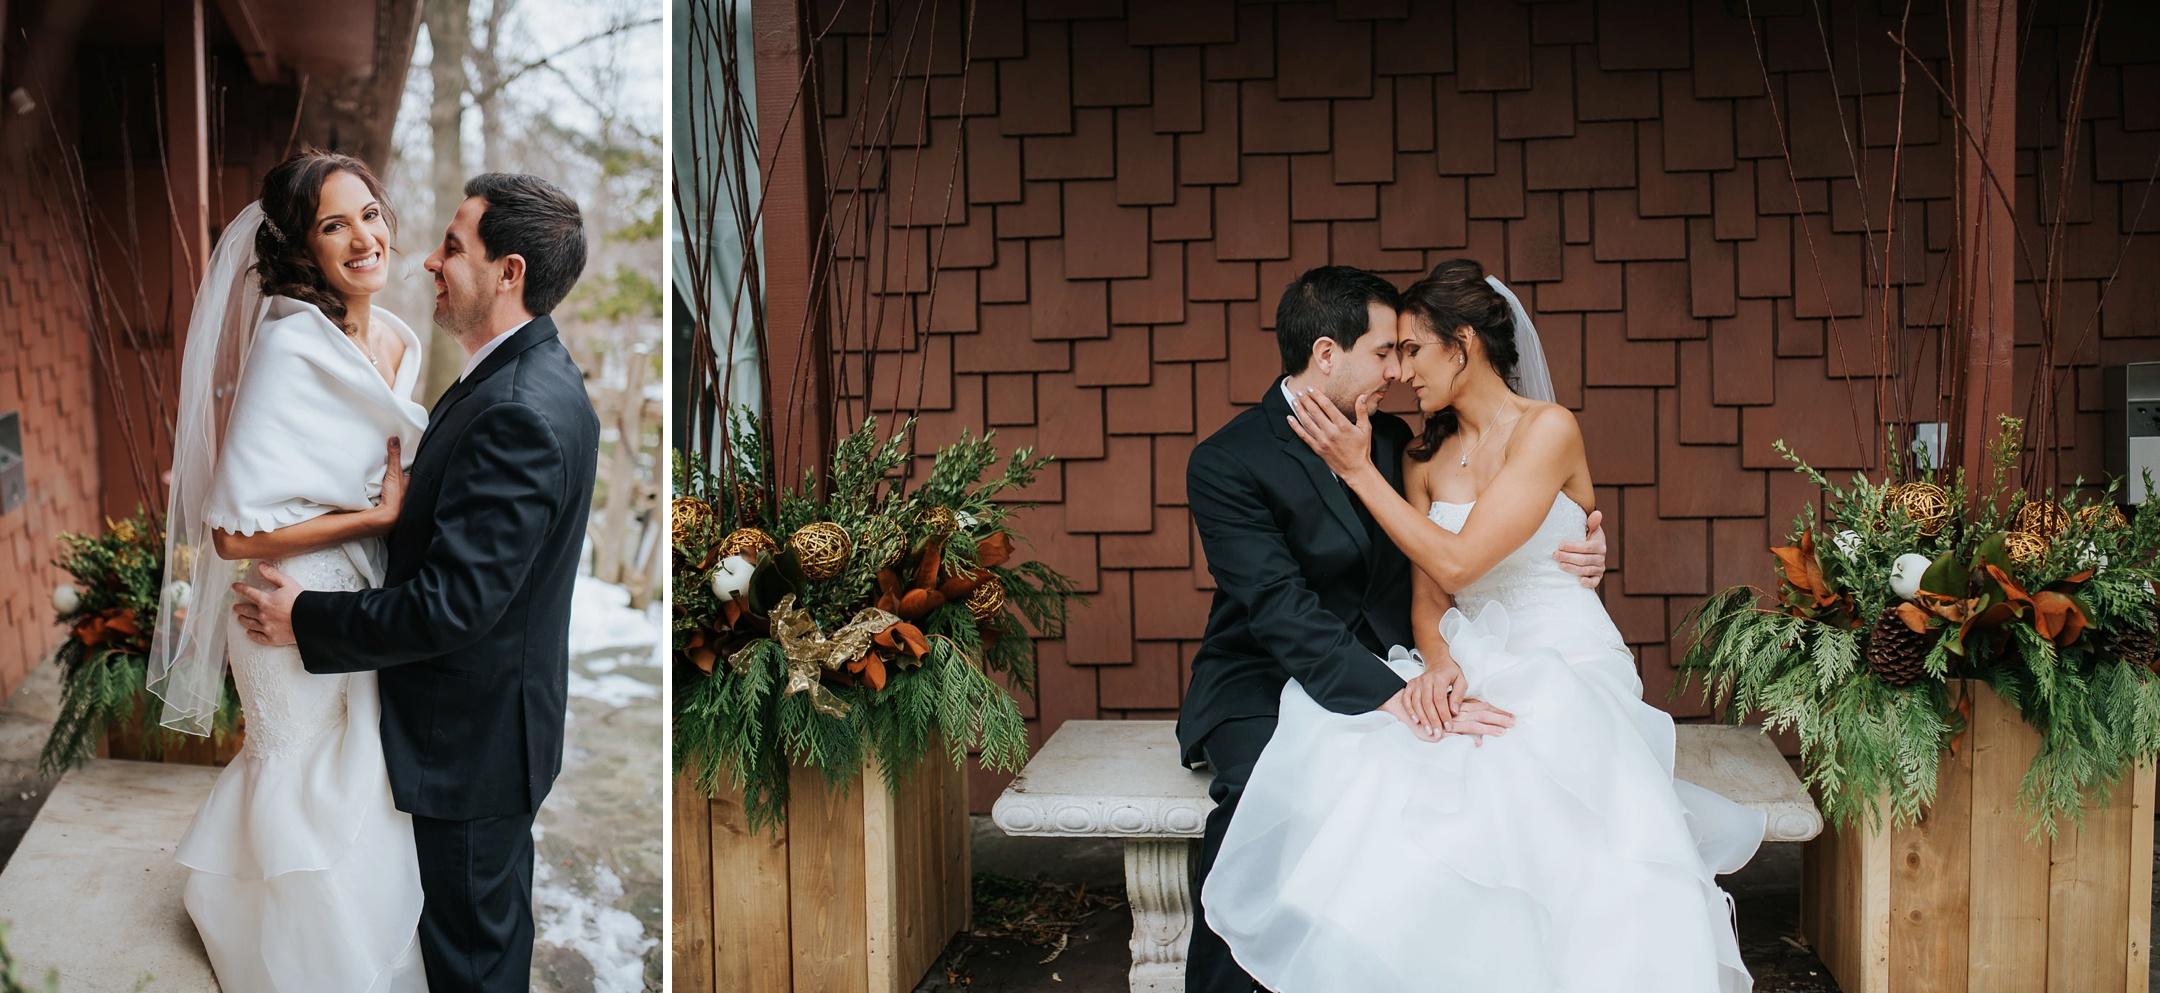 bride and groom winter wedding at fantasy farm toronto